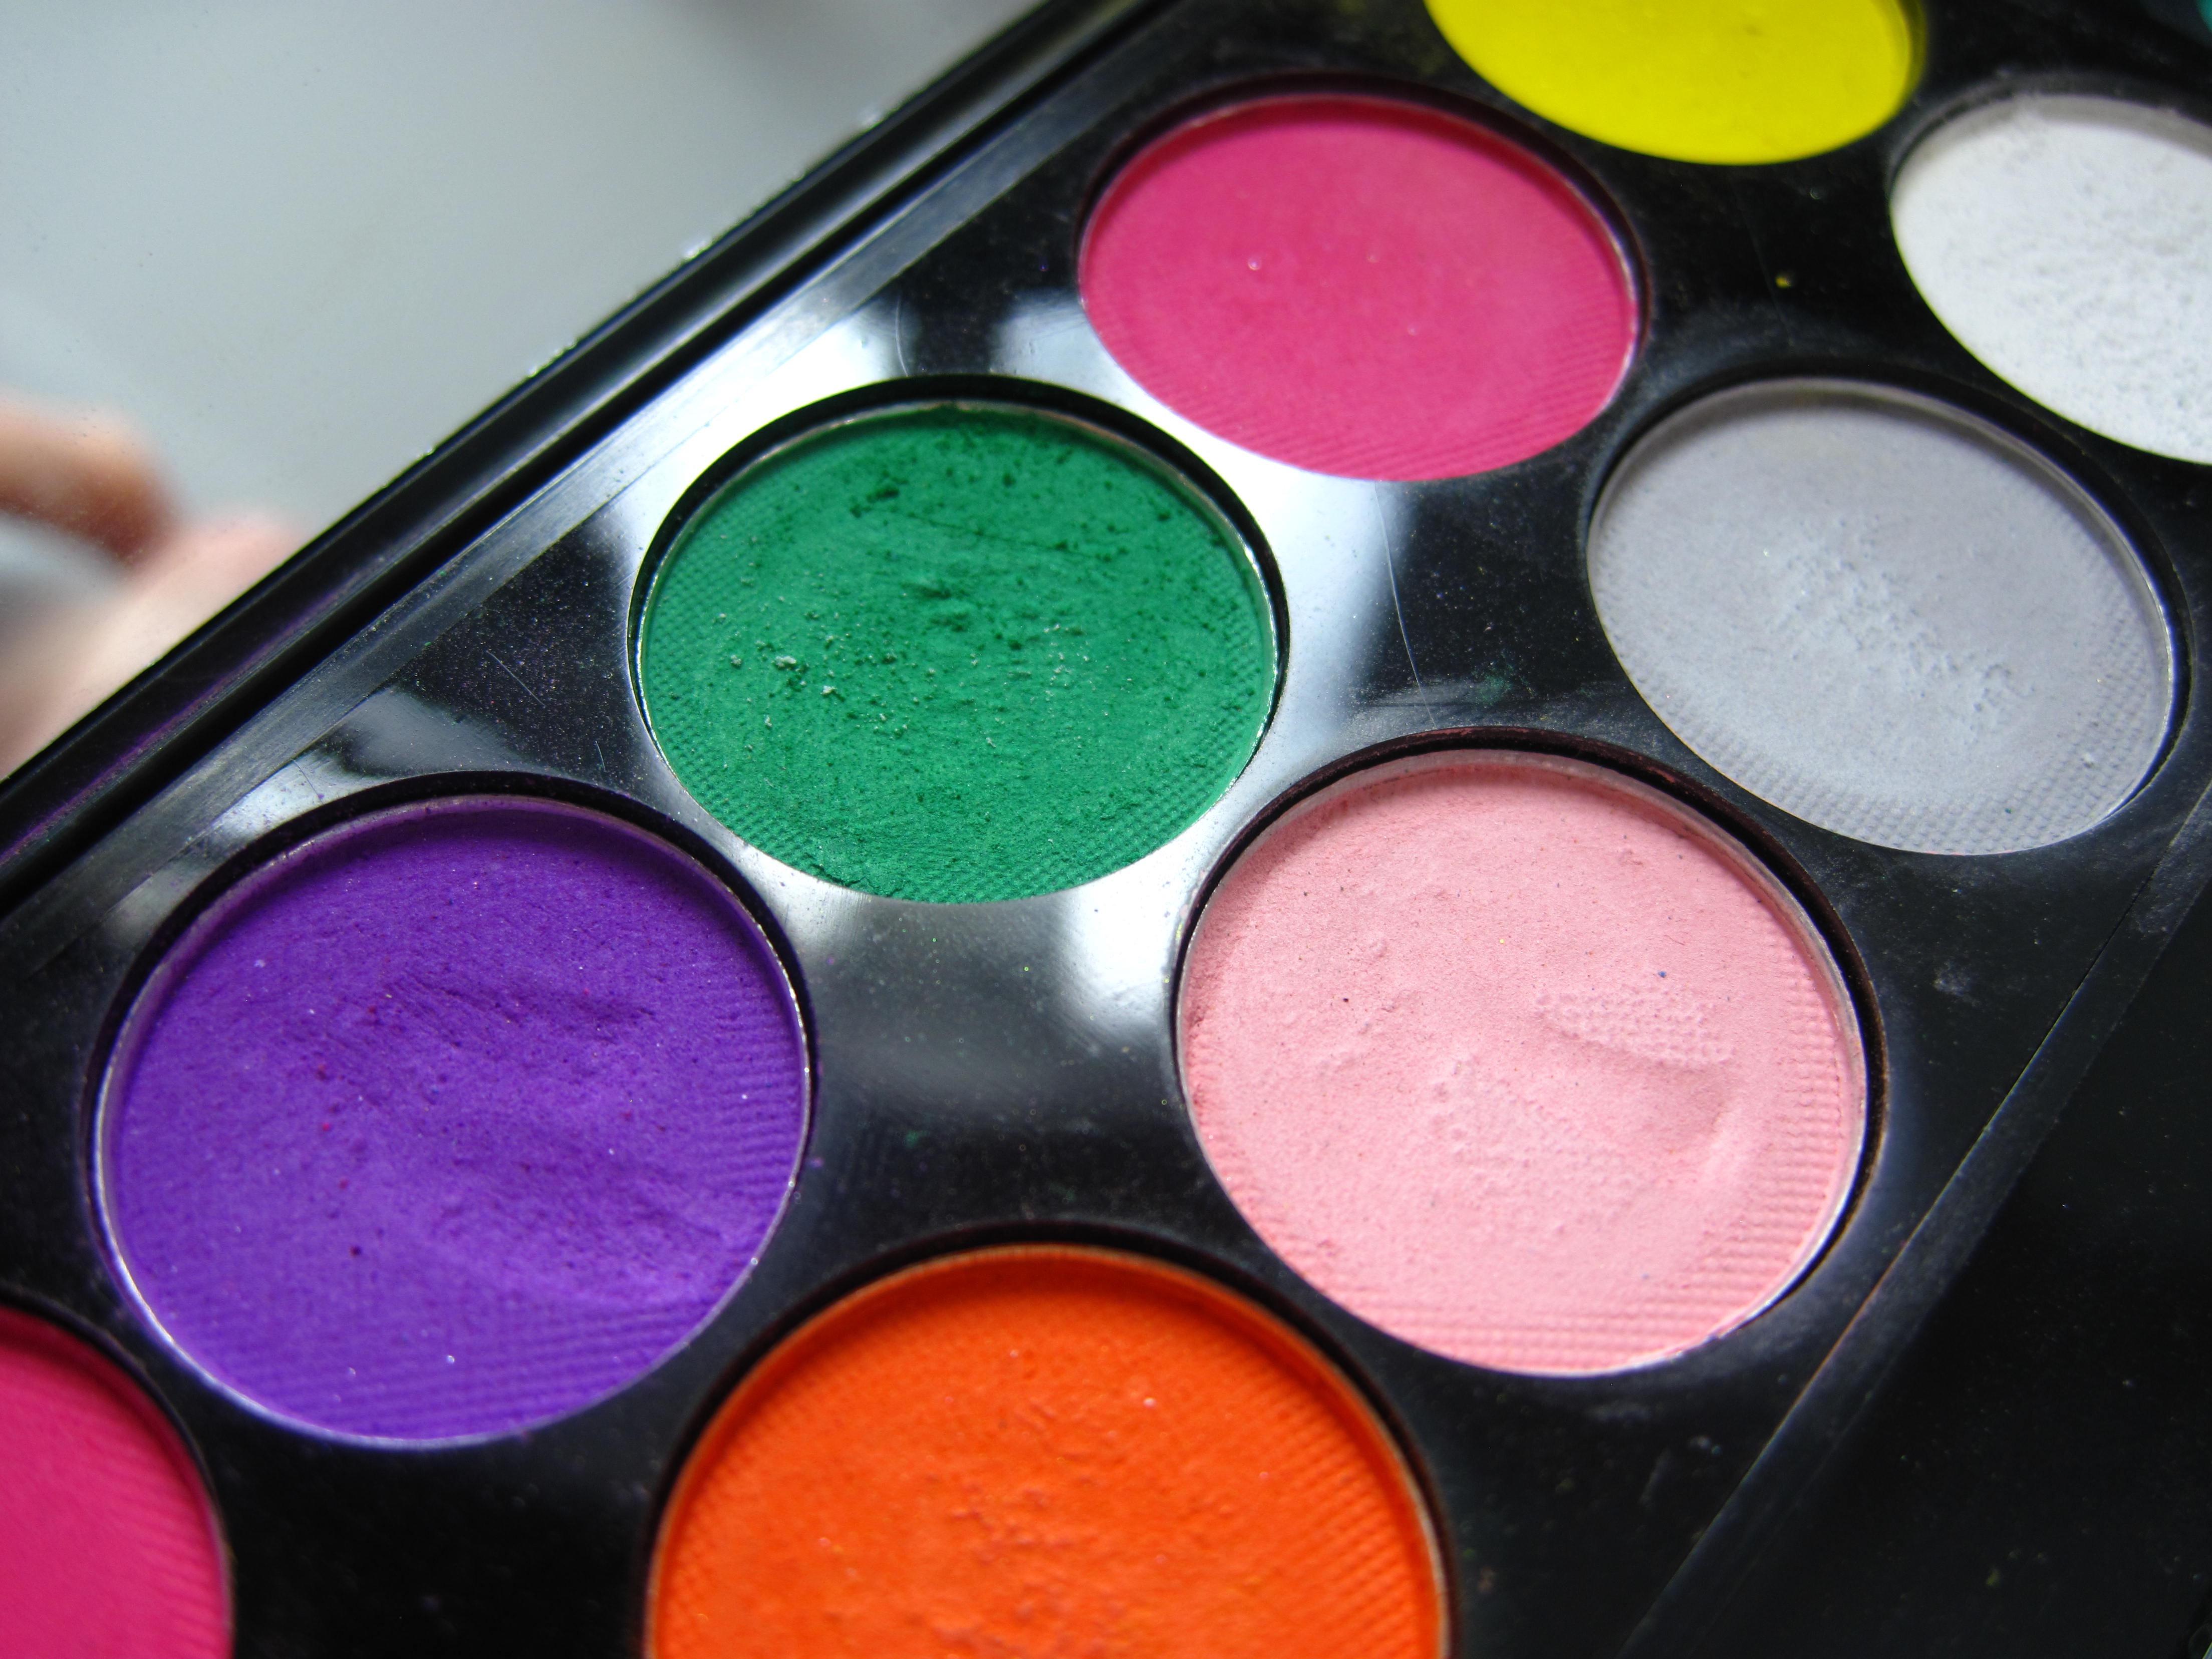 10 Sleek Primer & Ultra Mattes 1 Palette - Nagelfabriek